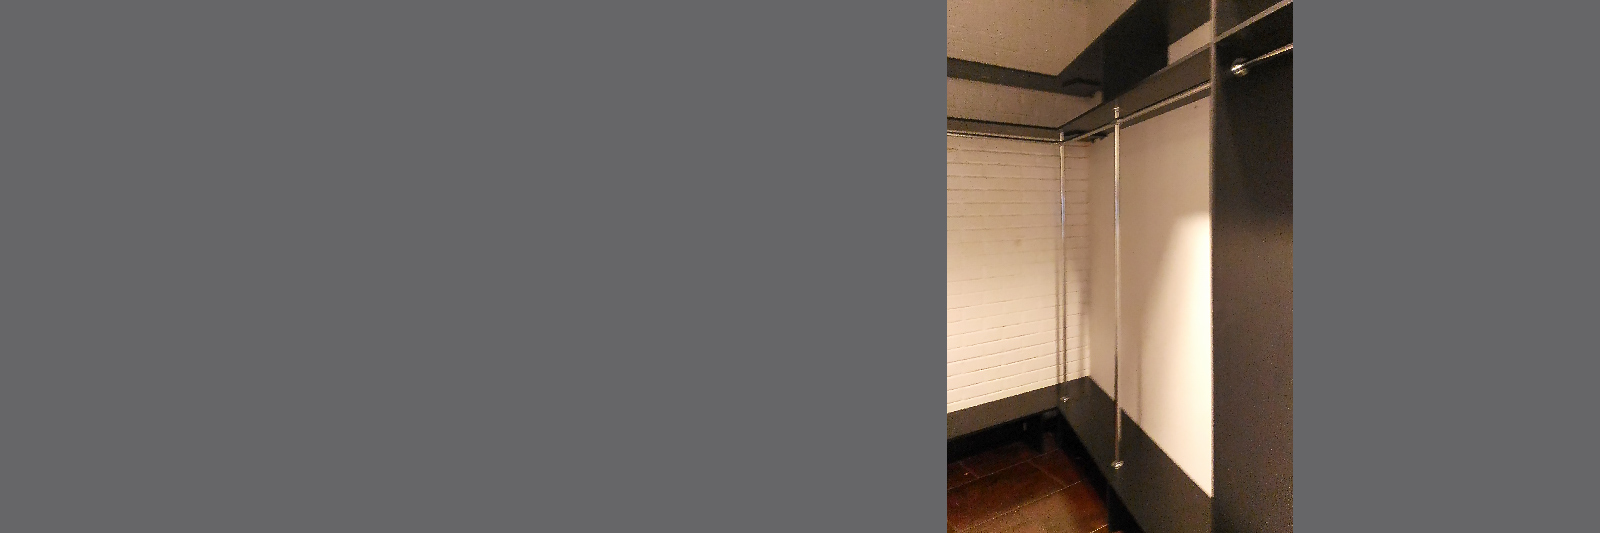 Офисная гардеробная с металлокаркасом на заказ